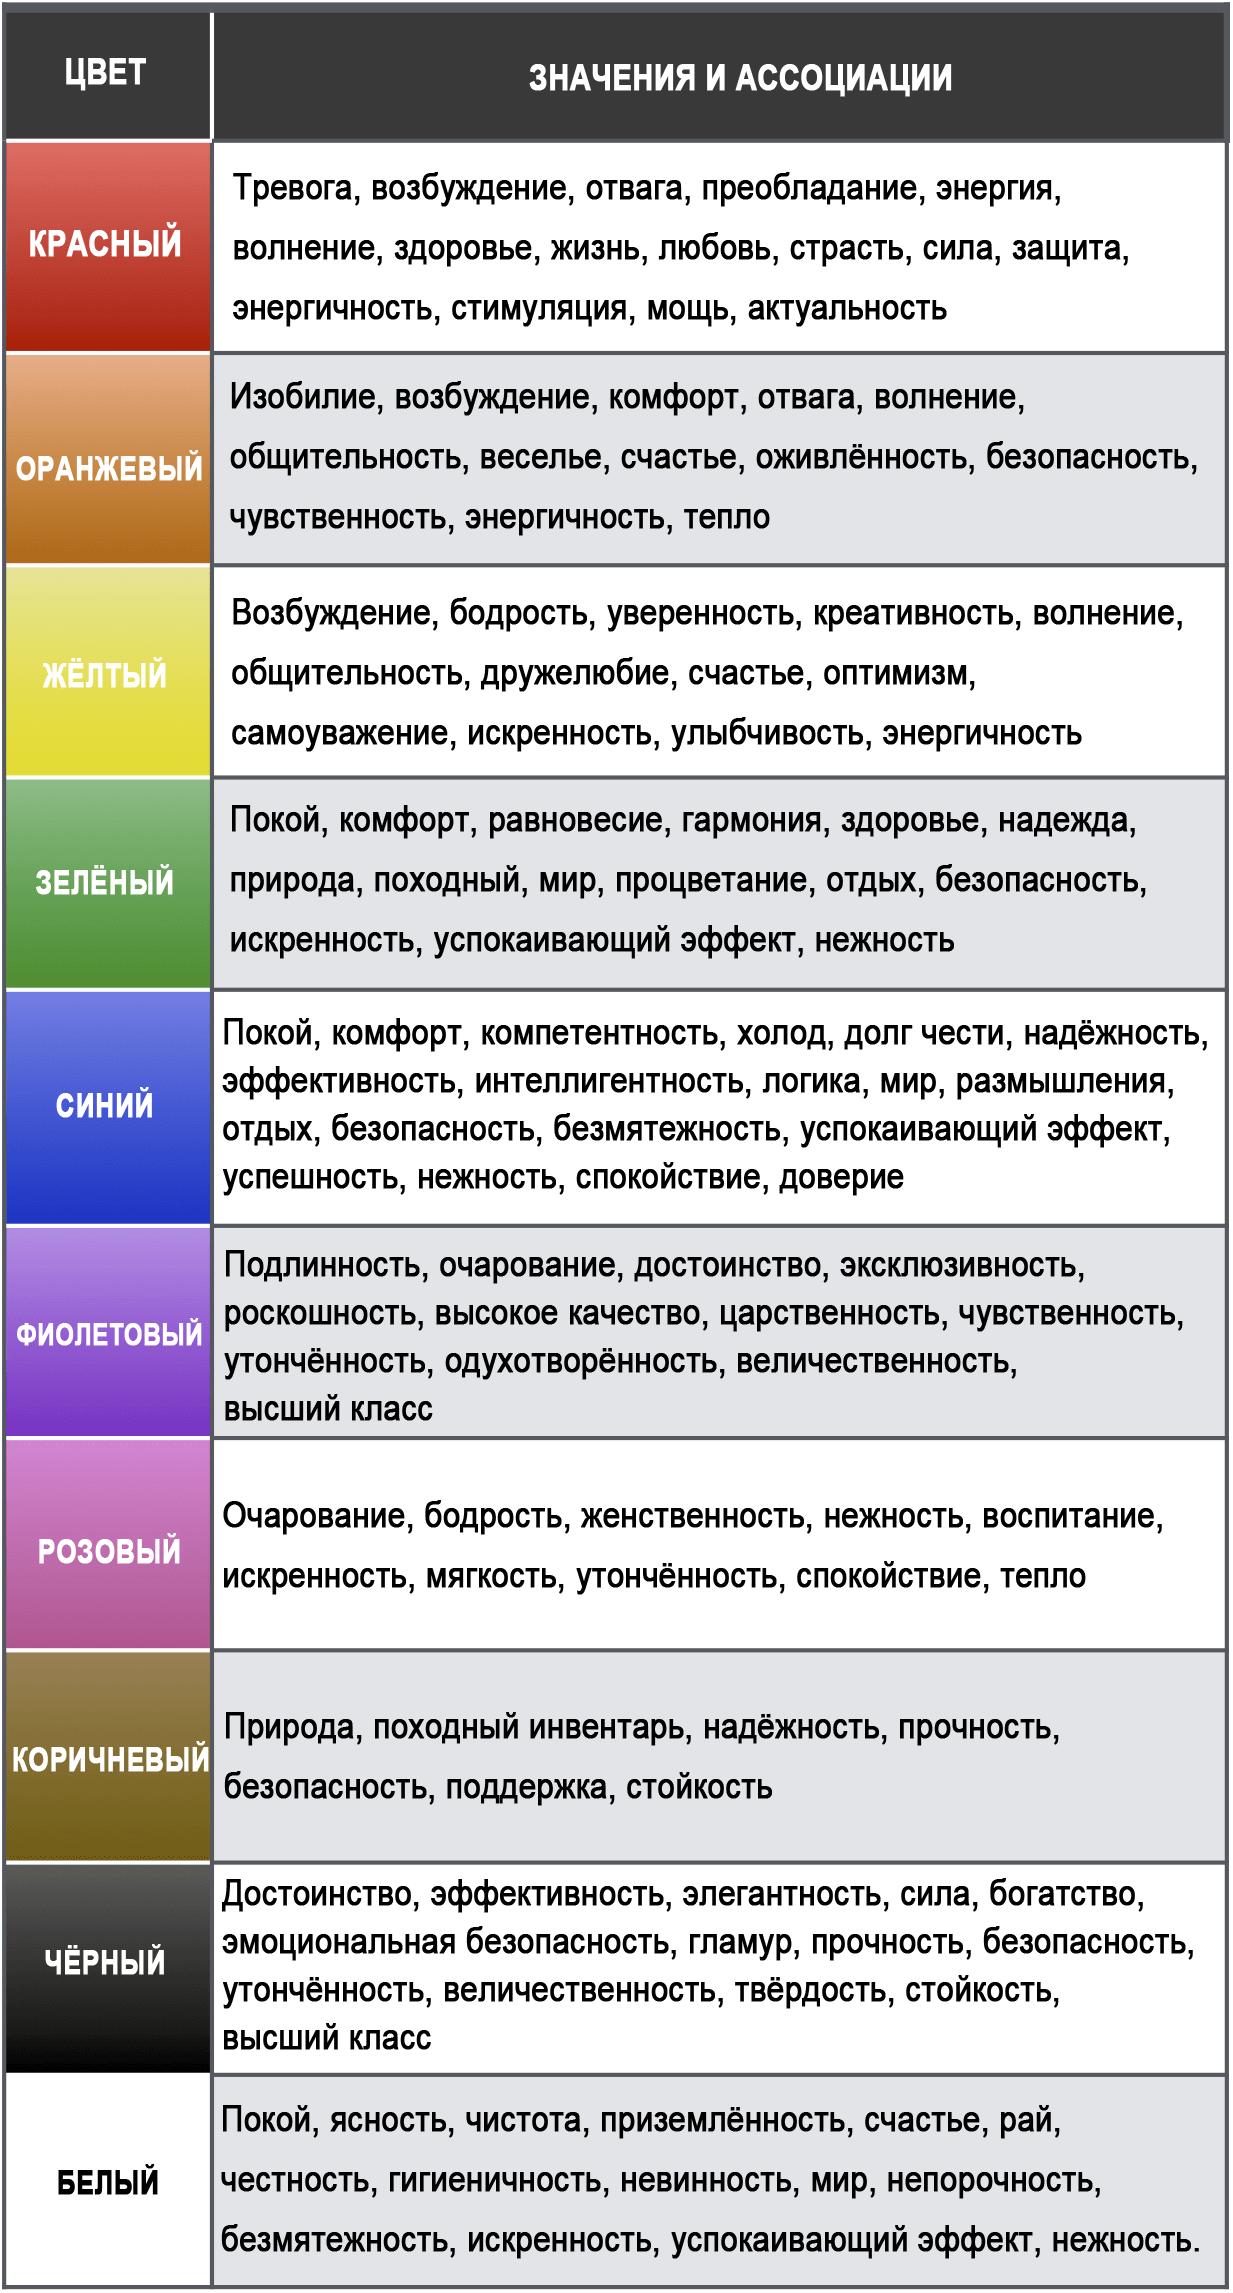 Цвет: значение и ассоциации